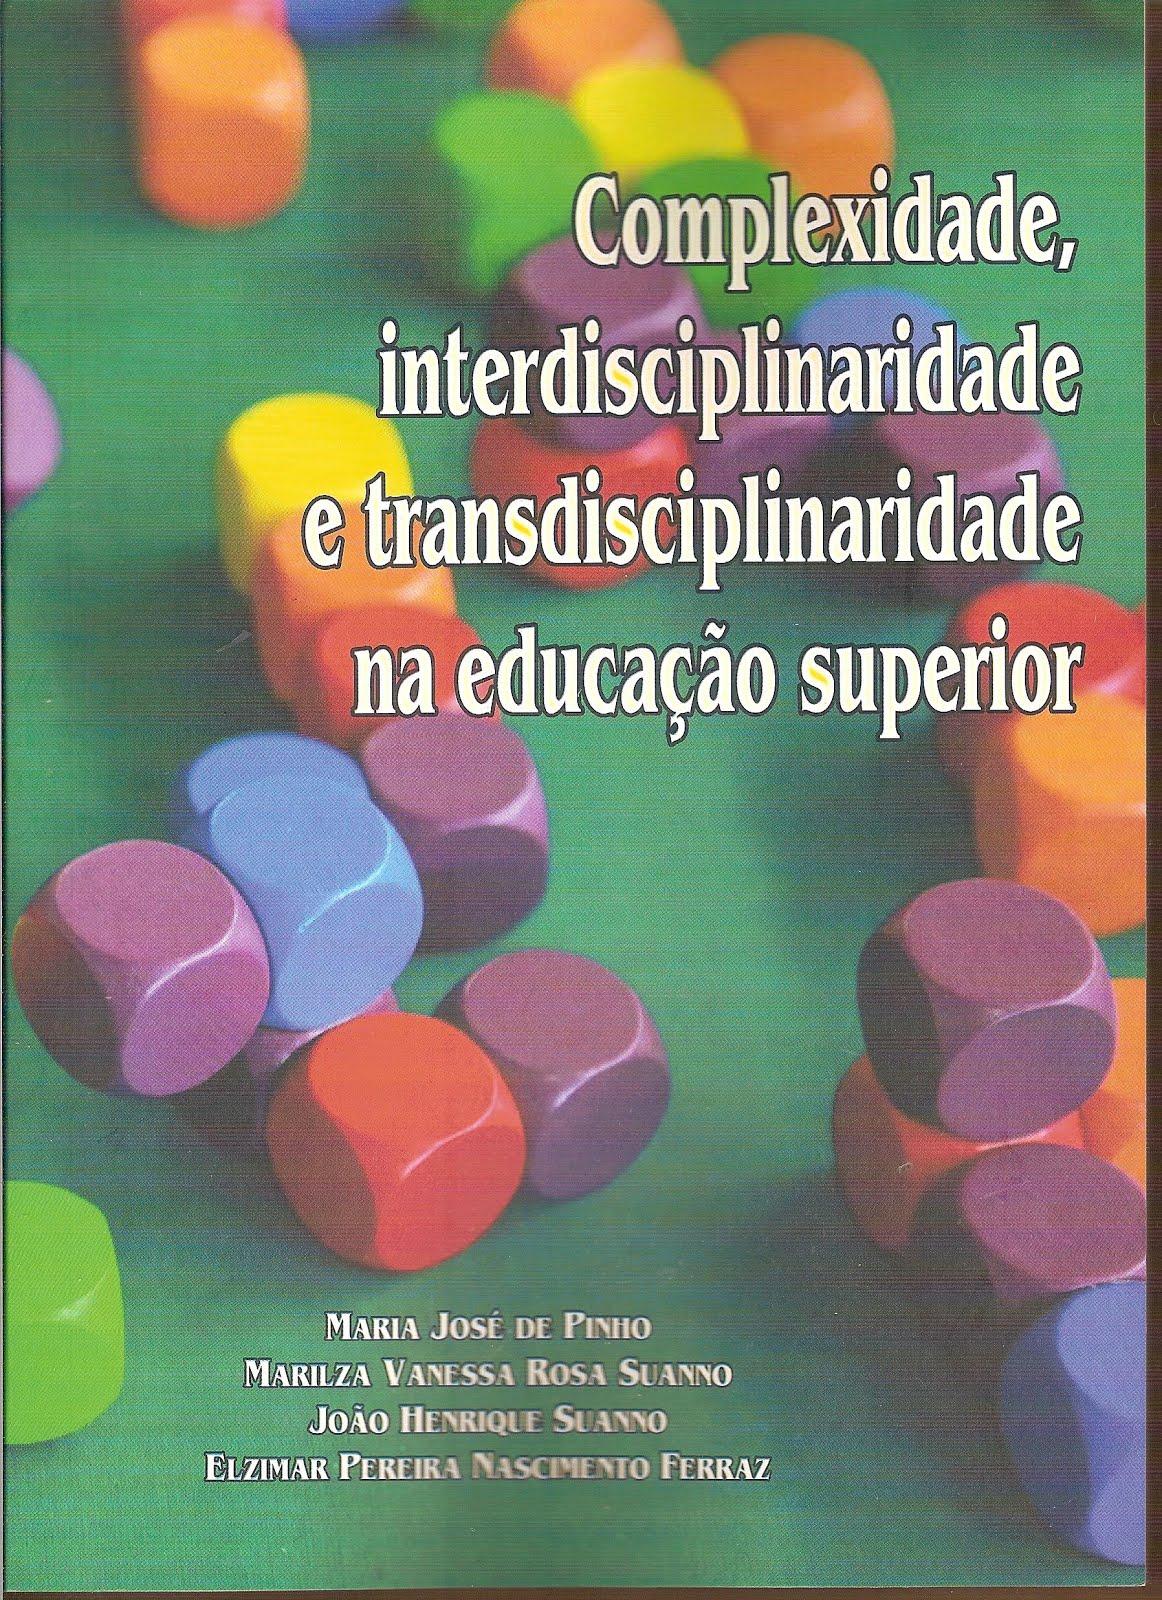 Complexidade, interdisciplinaridade e transdisciplinaridade na educação superior